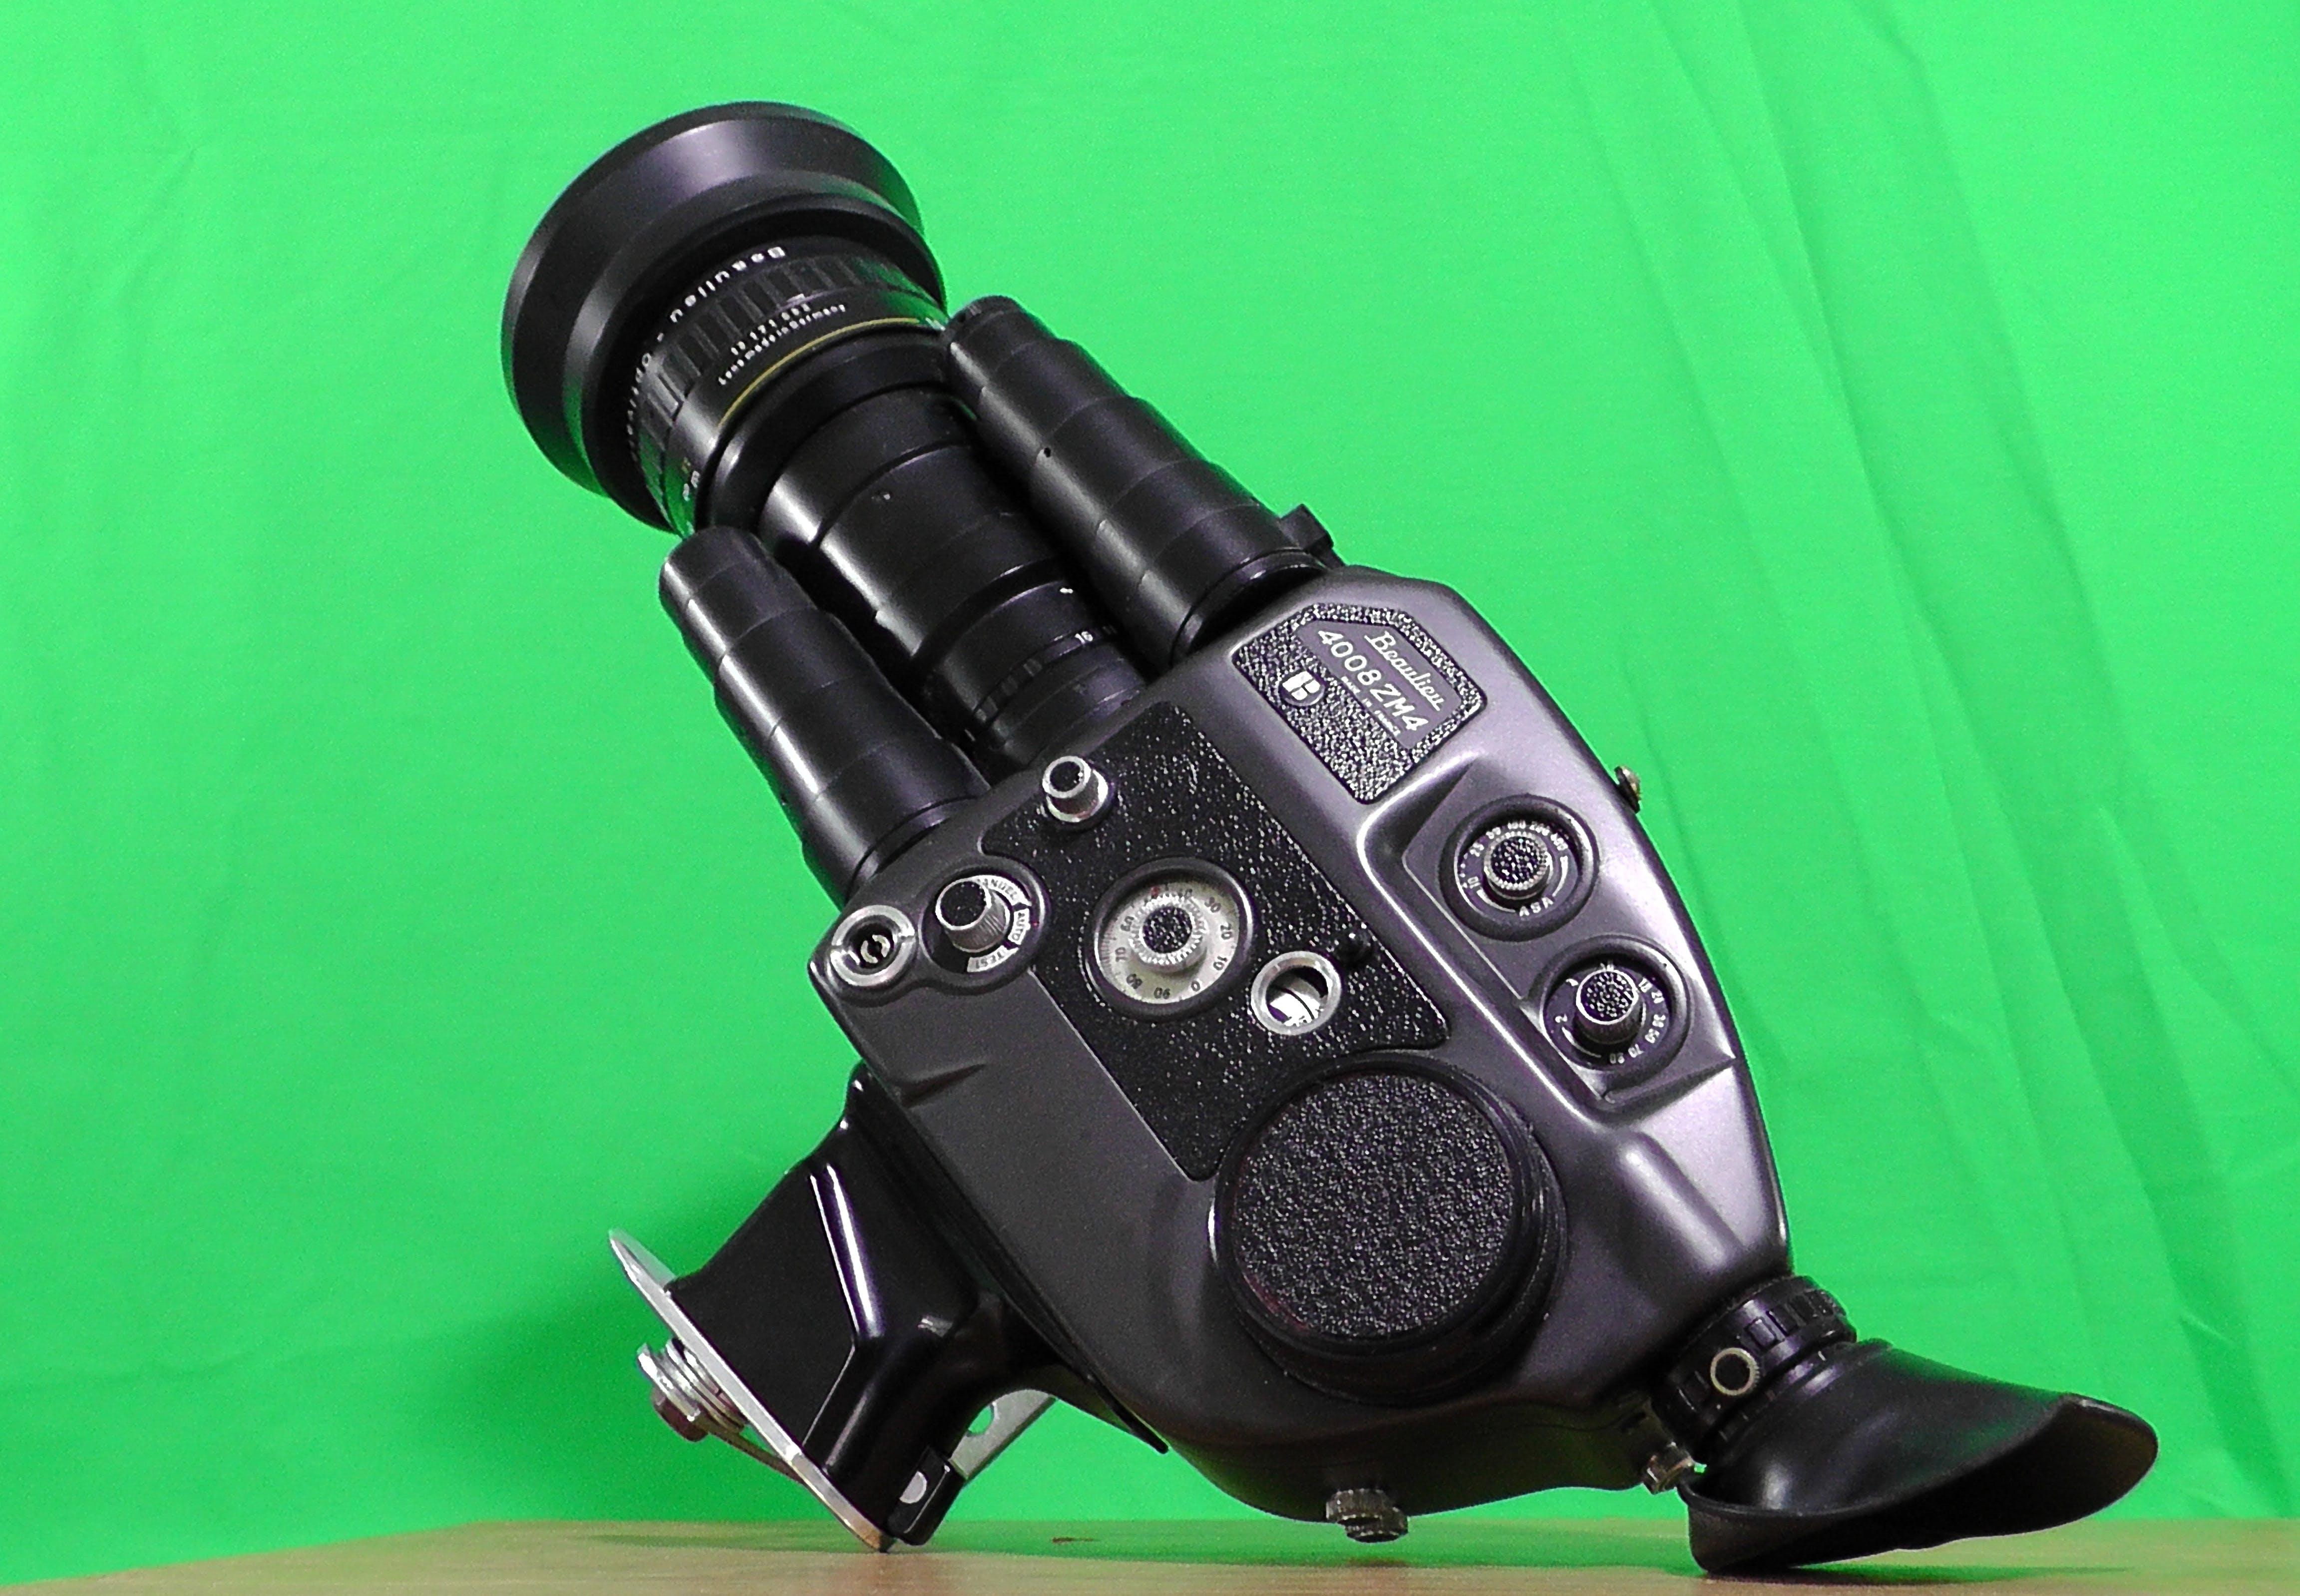 Foto stok gratis tentang go pro, GoPro, kamera